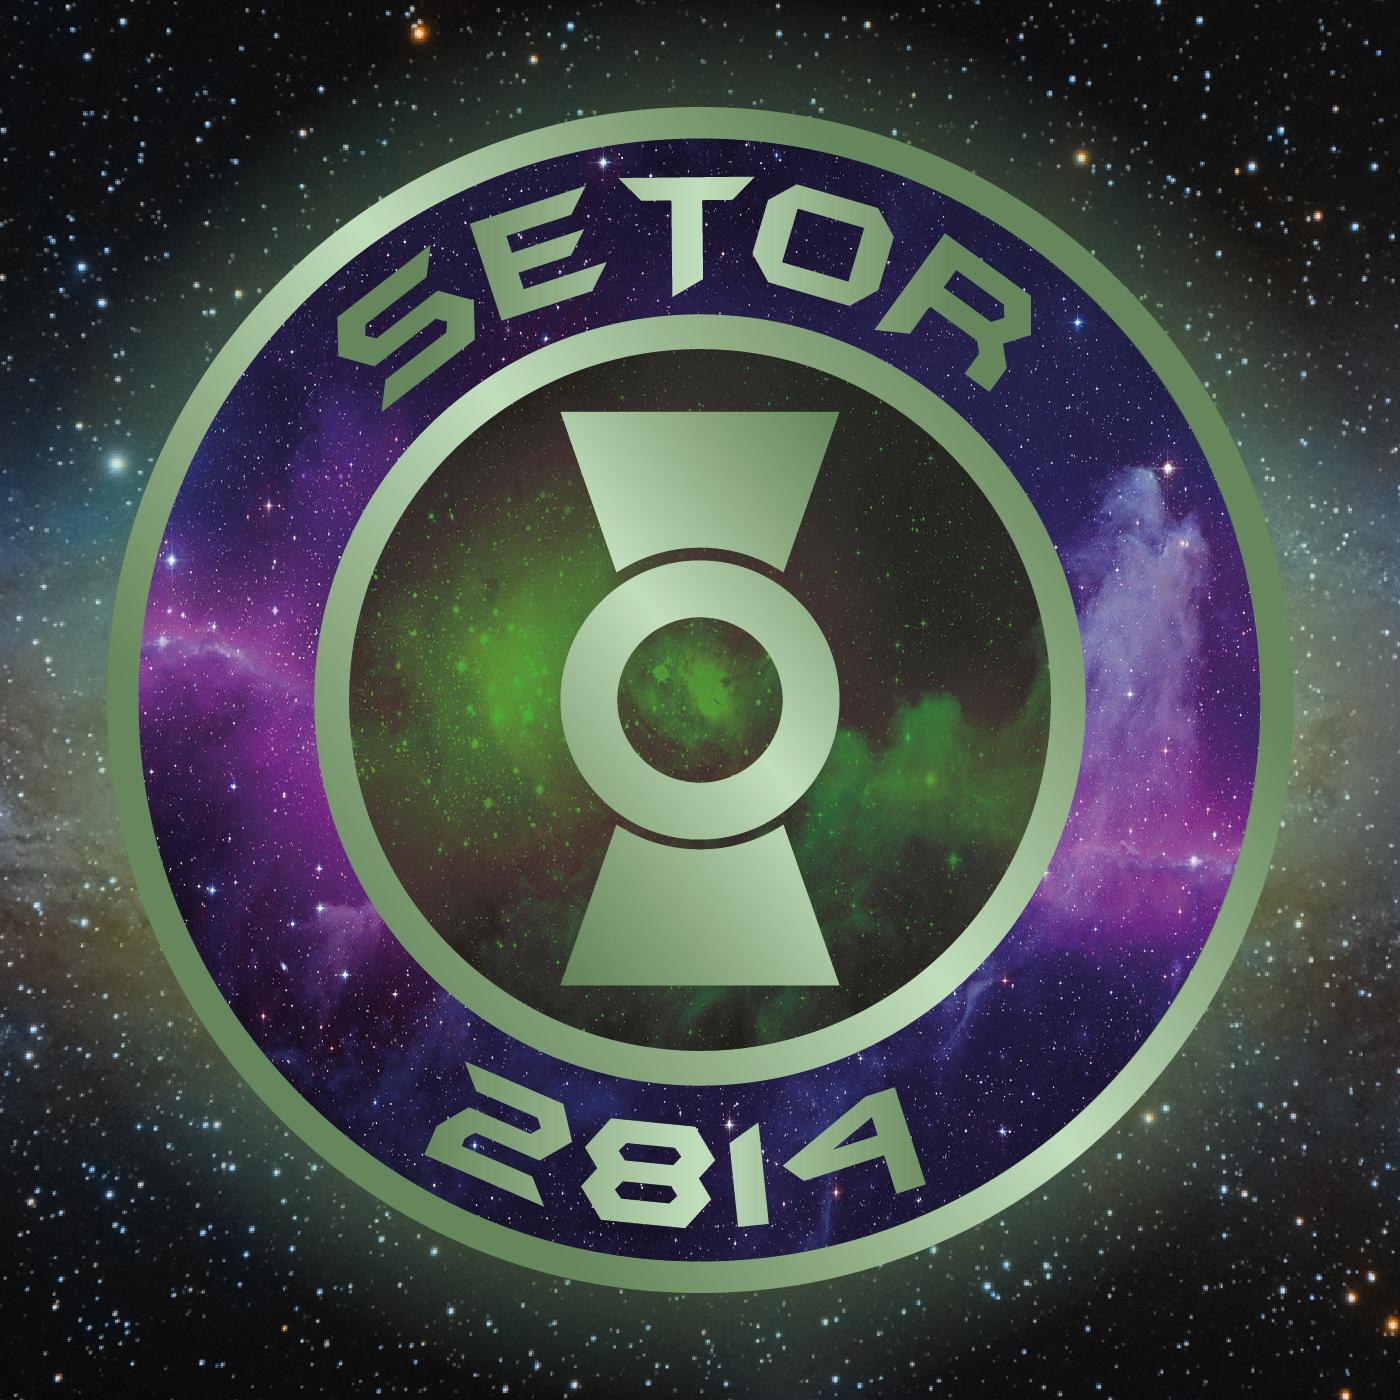 Setor 2814